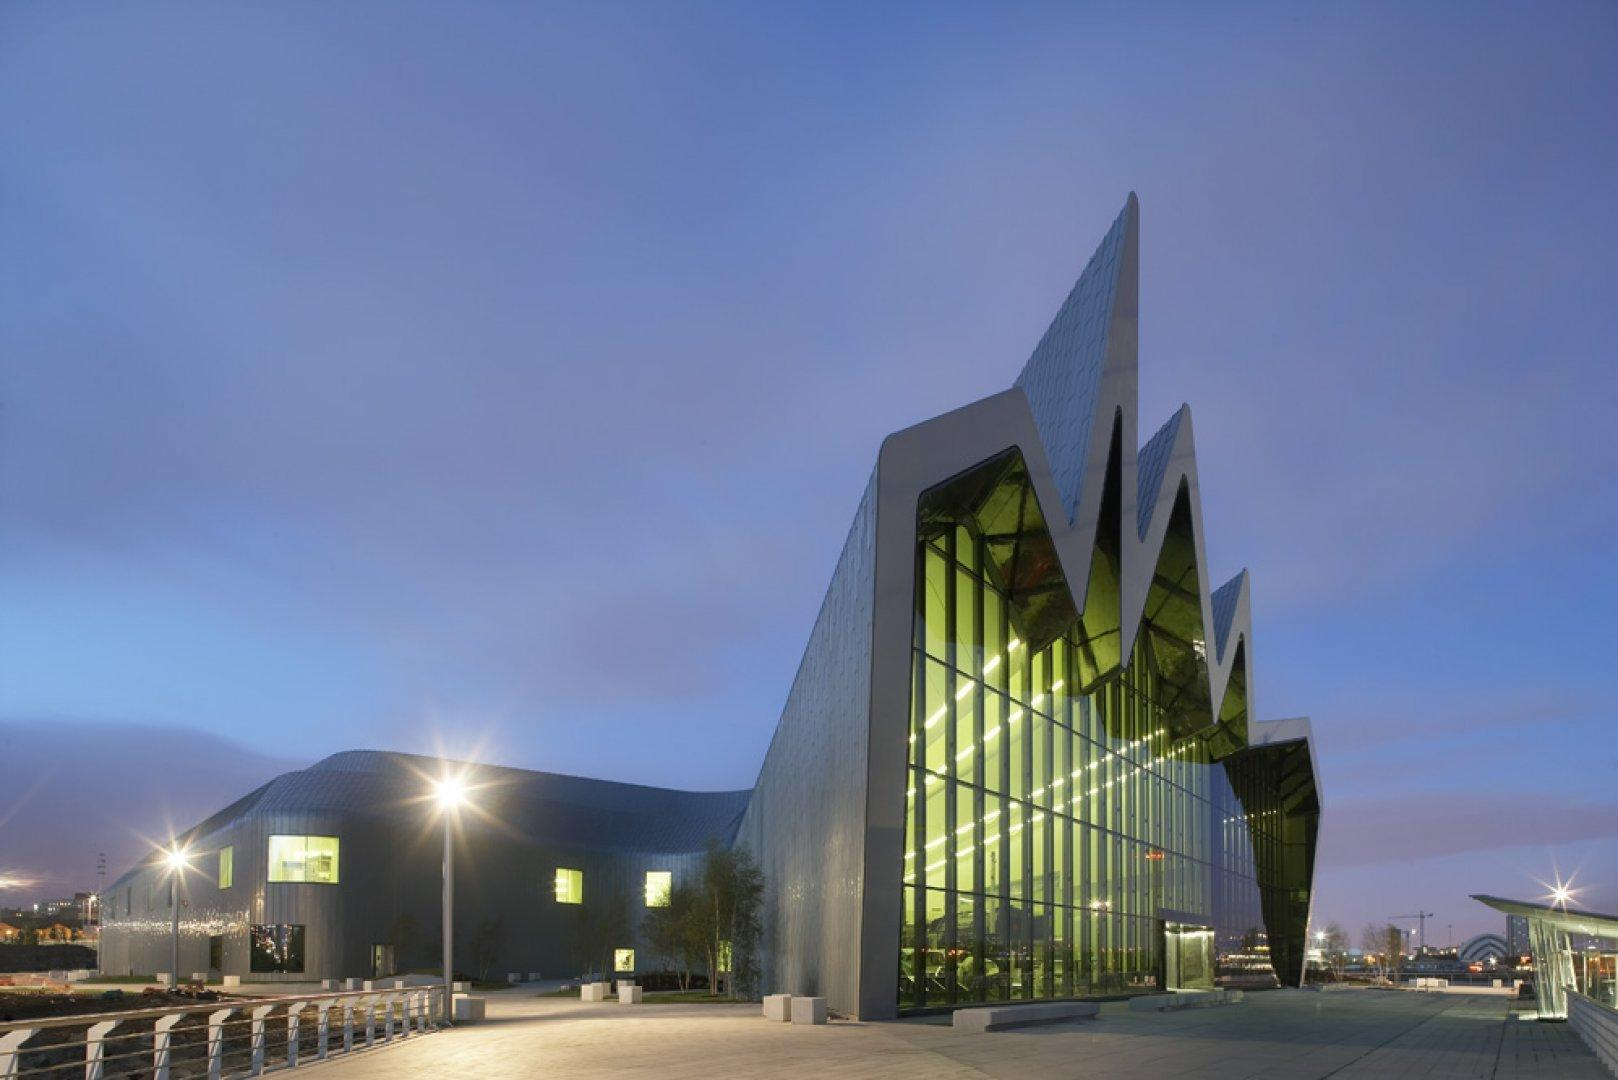 Riverside Museum di Glasgow (2011). Questo progetto è stato premiato con il European Museum of the Year 2013